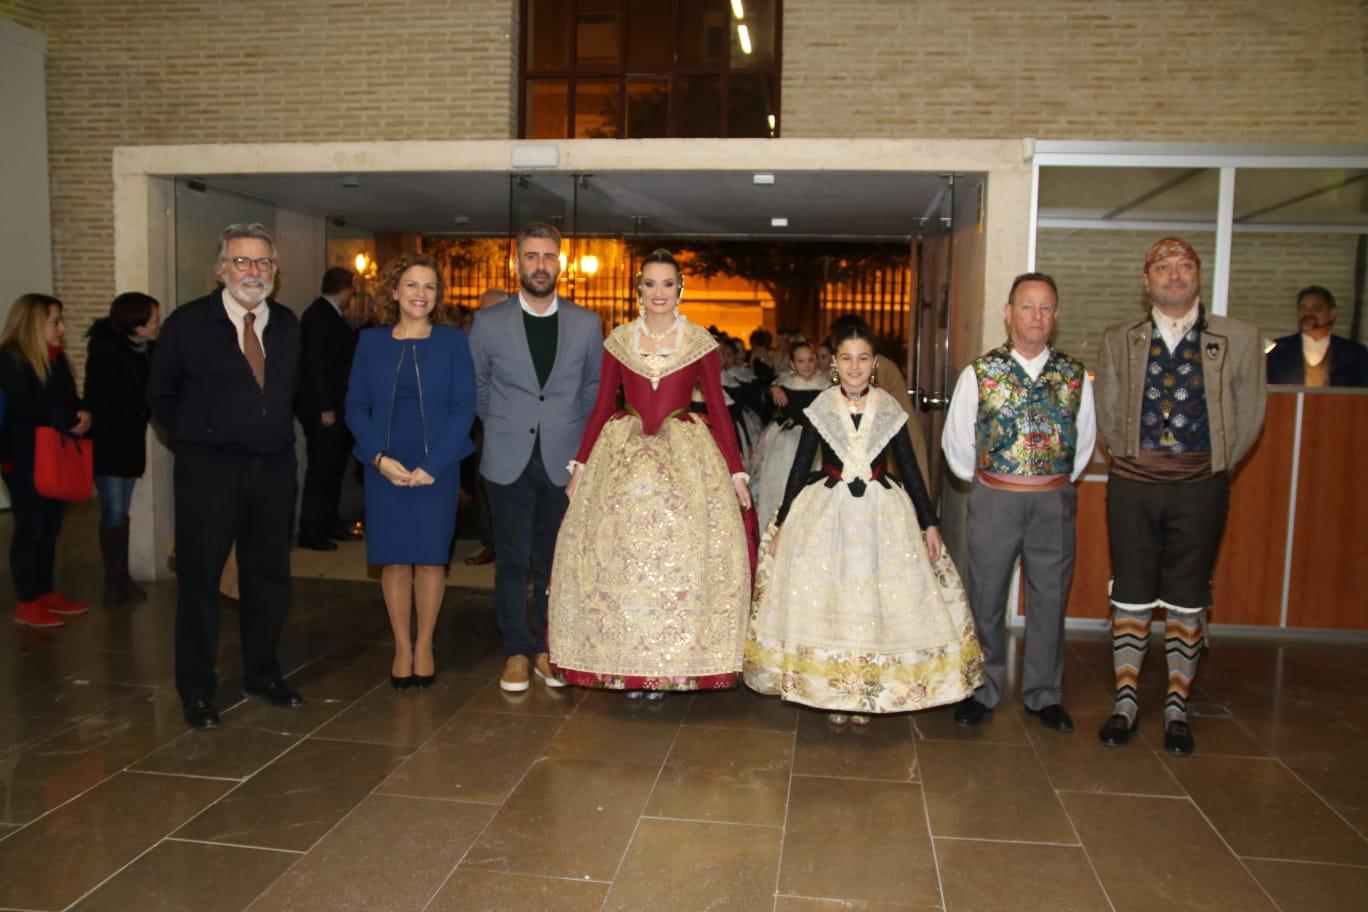 Lliurament de Premis del Torneig de Parxís, Truc i Dòmino organitzat per l'Agrupació de Falles del Marítim i la Junta Major